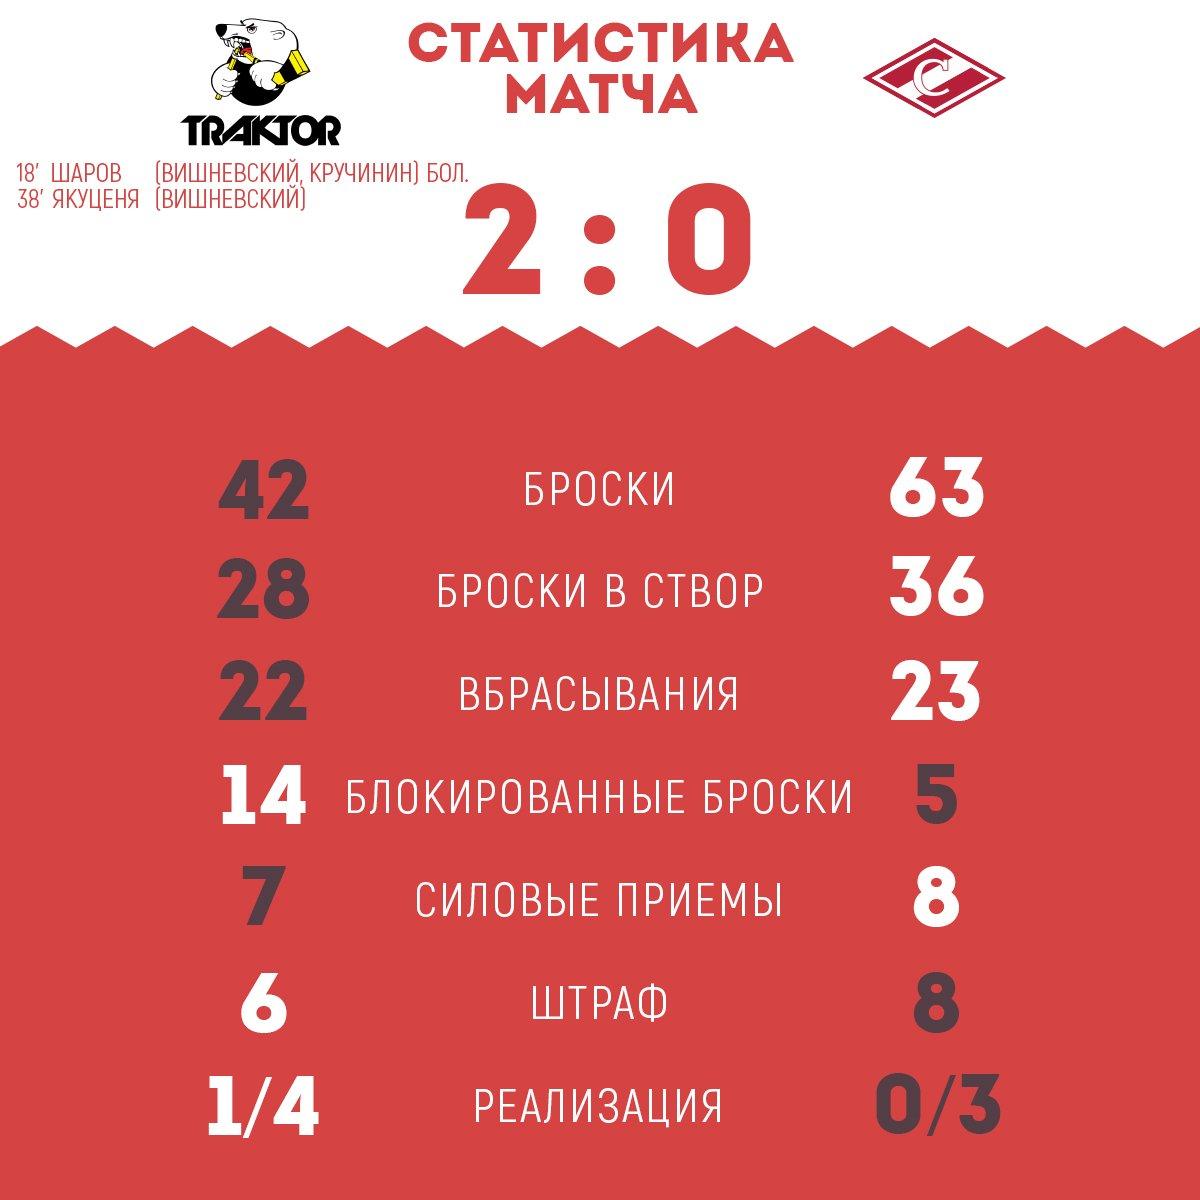 Статистика матча «Трактор» - «Спартак» 2:0